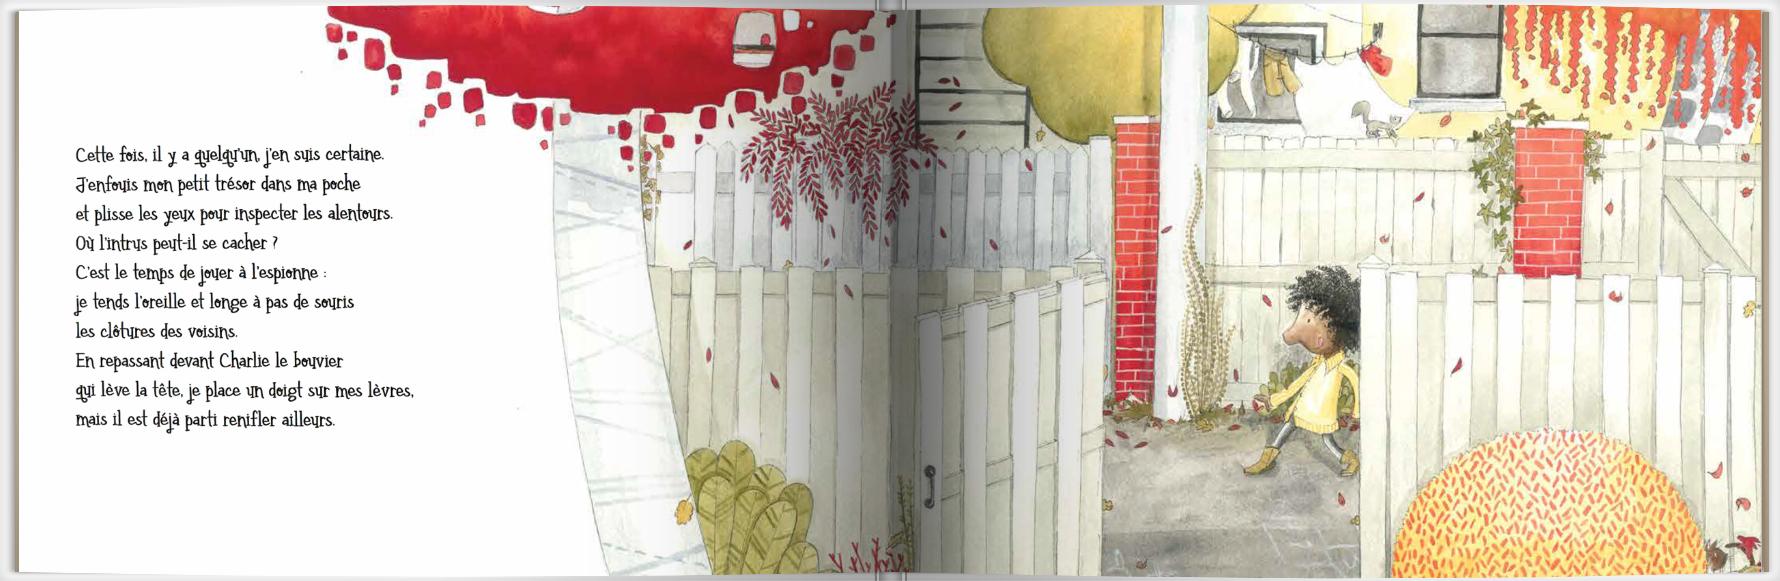 Page intérieure du livre La ruelle